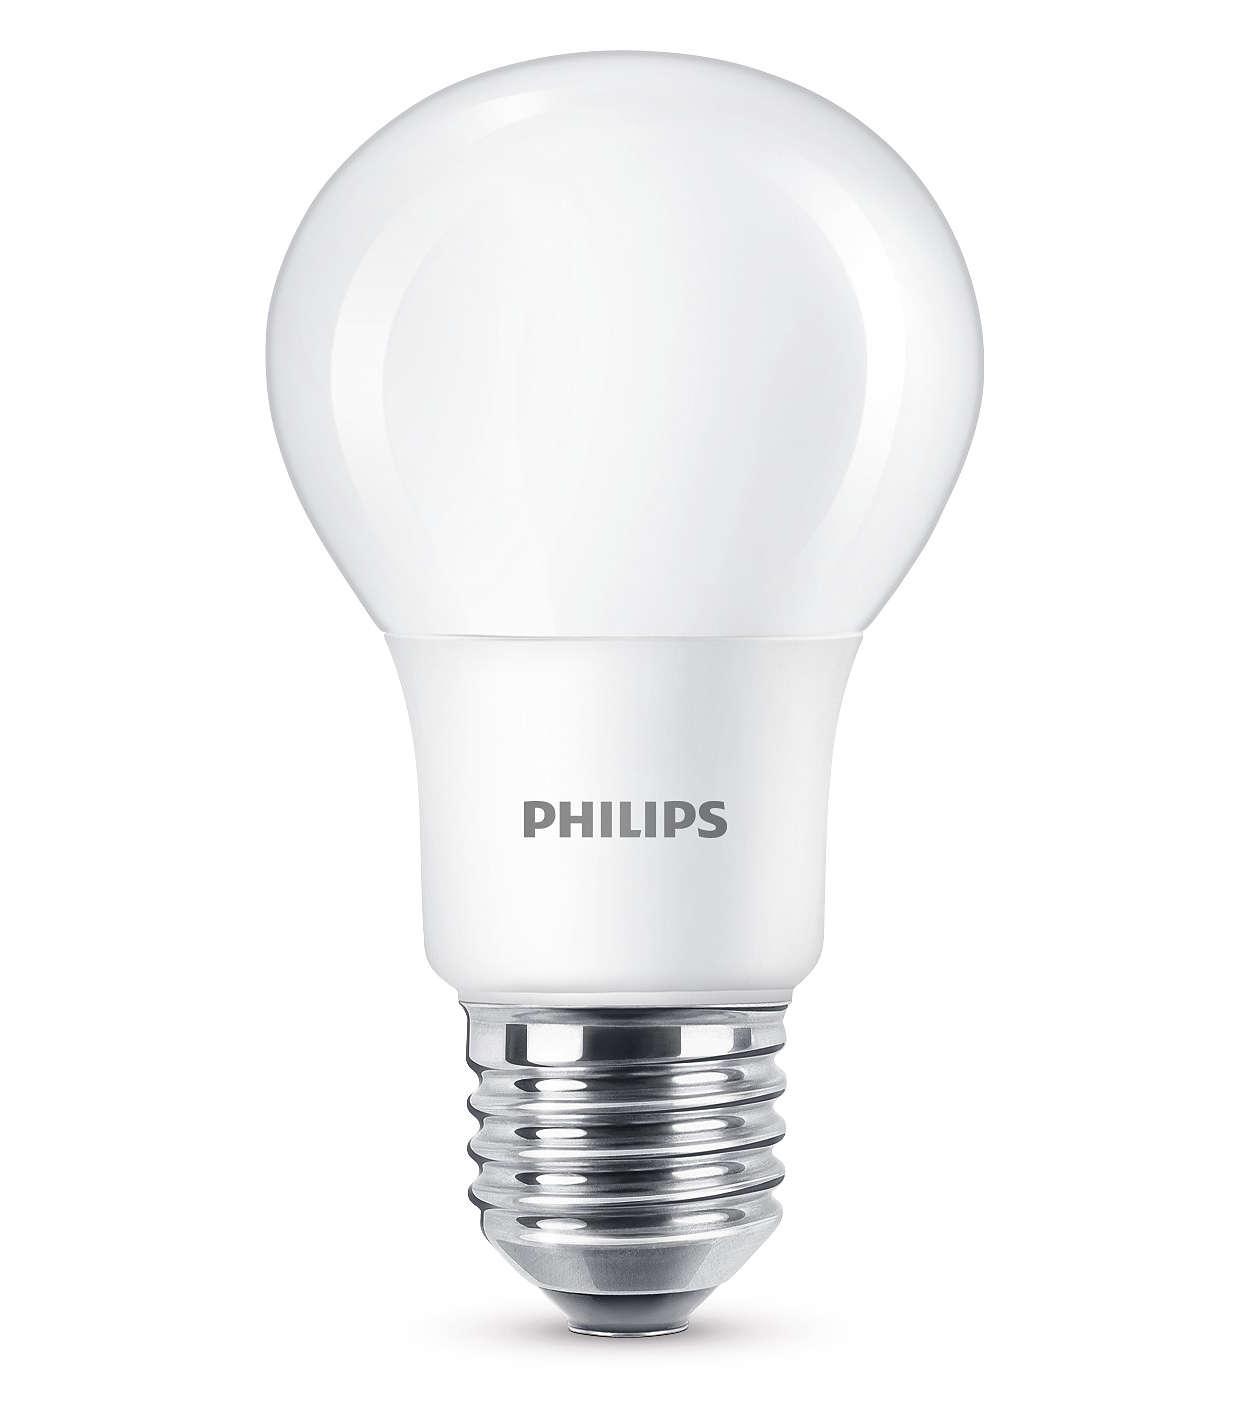 Disfruta de una luz LED blanca cálida y regulable